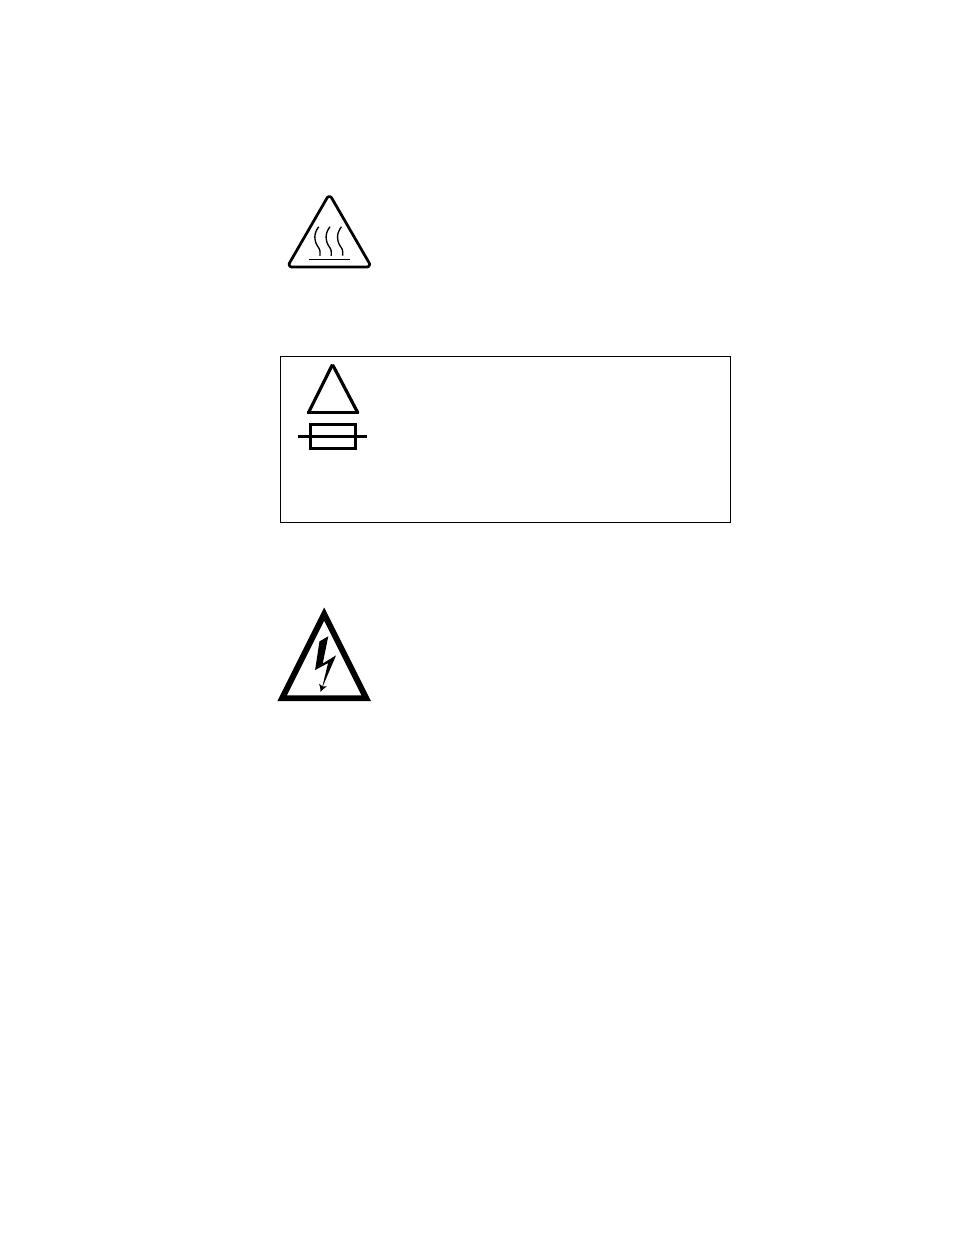 Fein Elektrisches Symbol Für Sicherung Fotos - Der Schaltplan ...